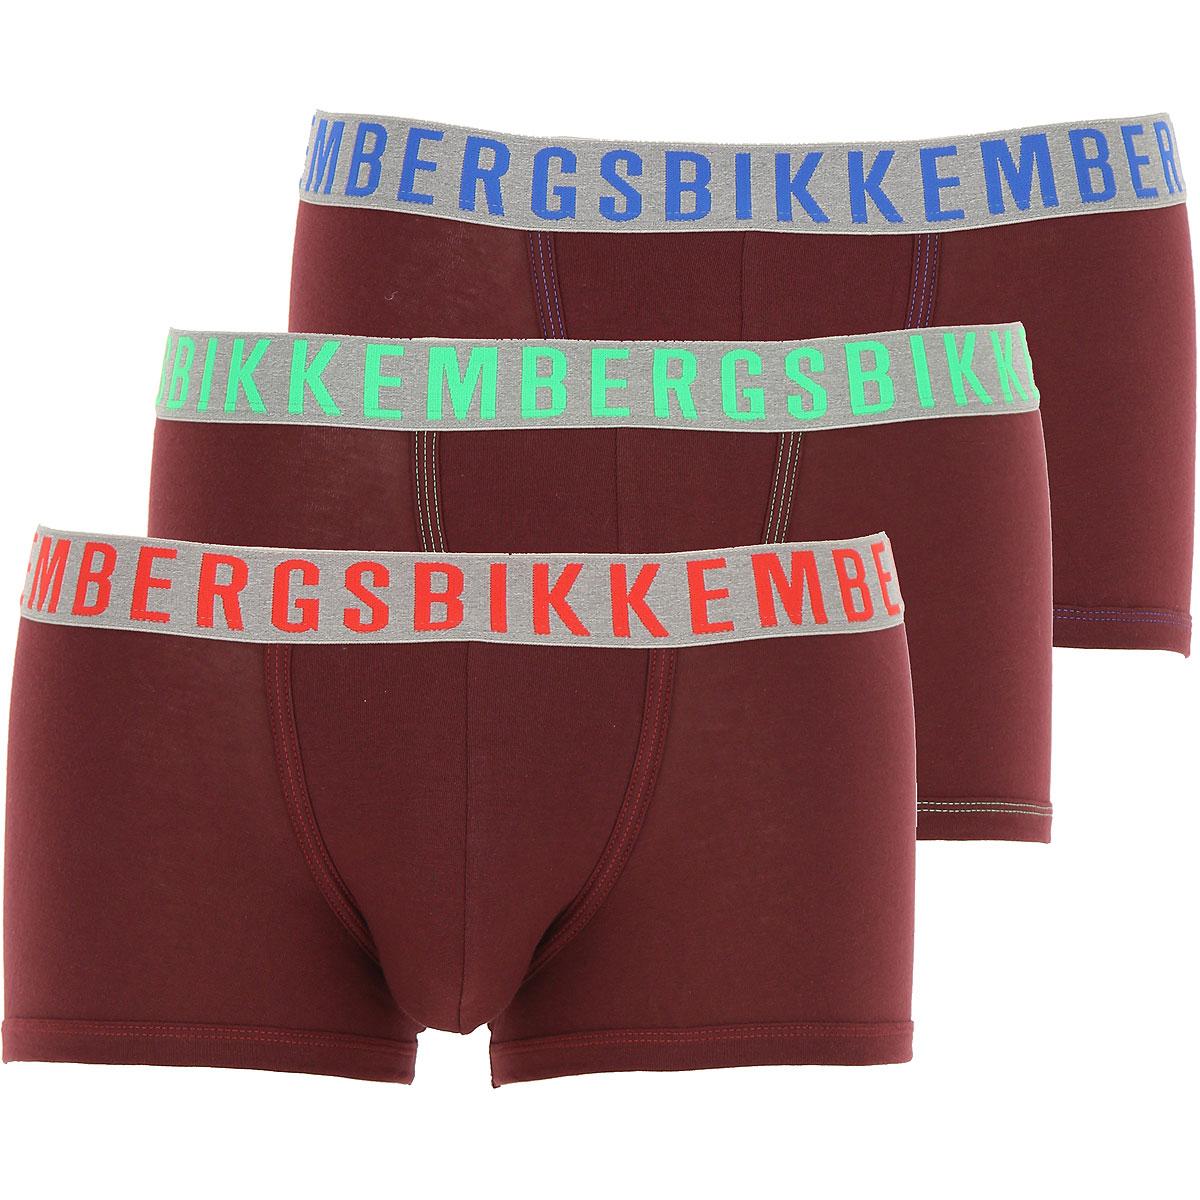 Dirk Bikkembergs Boxer Briefs for Men, Boxers On Sale in Outlet, 3 Pack, Bordeaux, Cotton, 2019, S (EU 3) M (EU 4) L (EU 5) XL (EU 6)